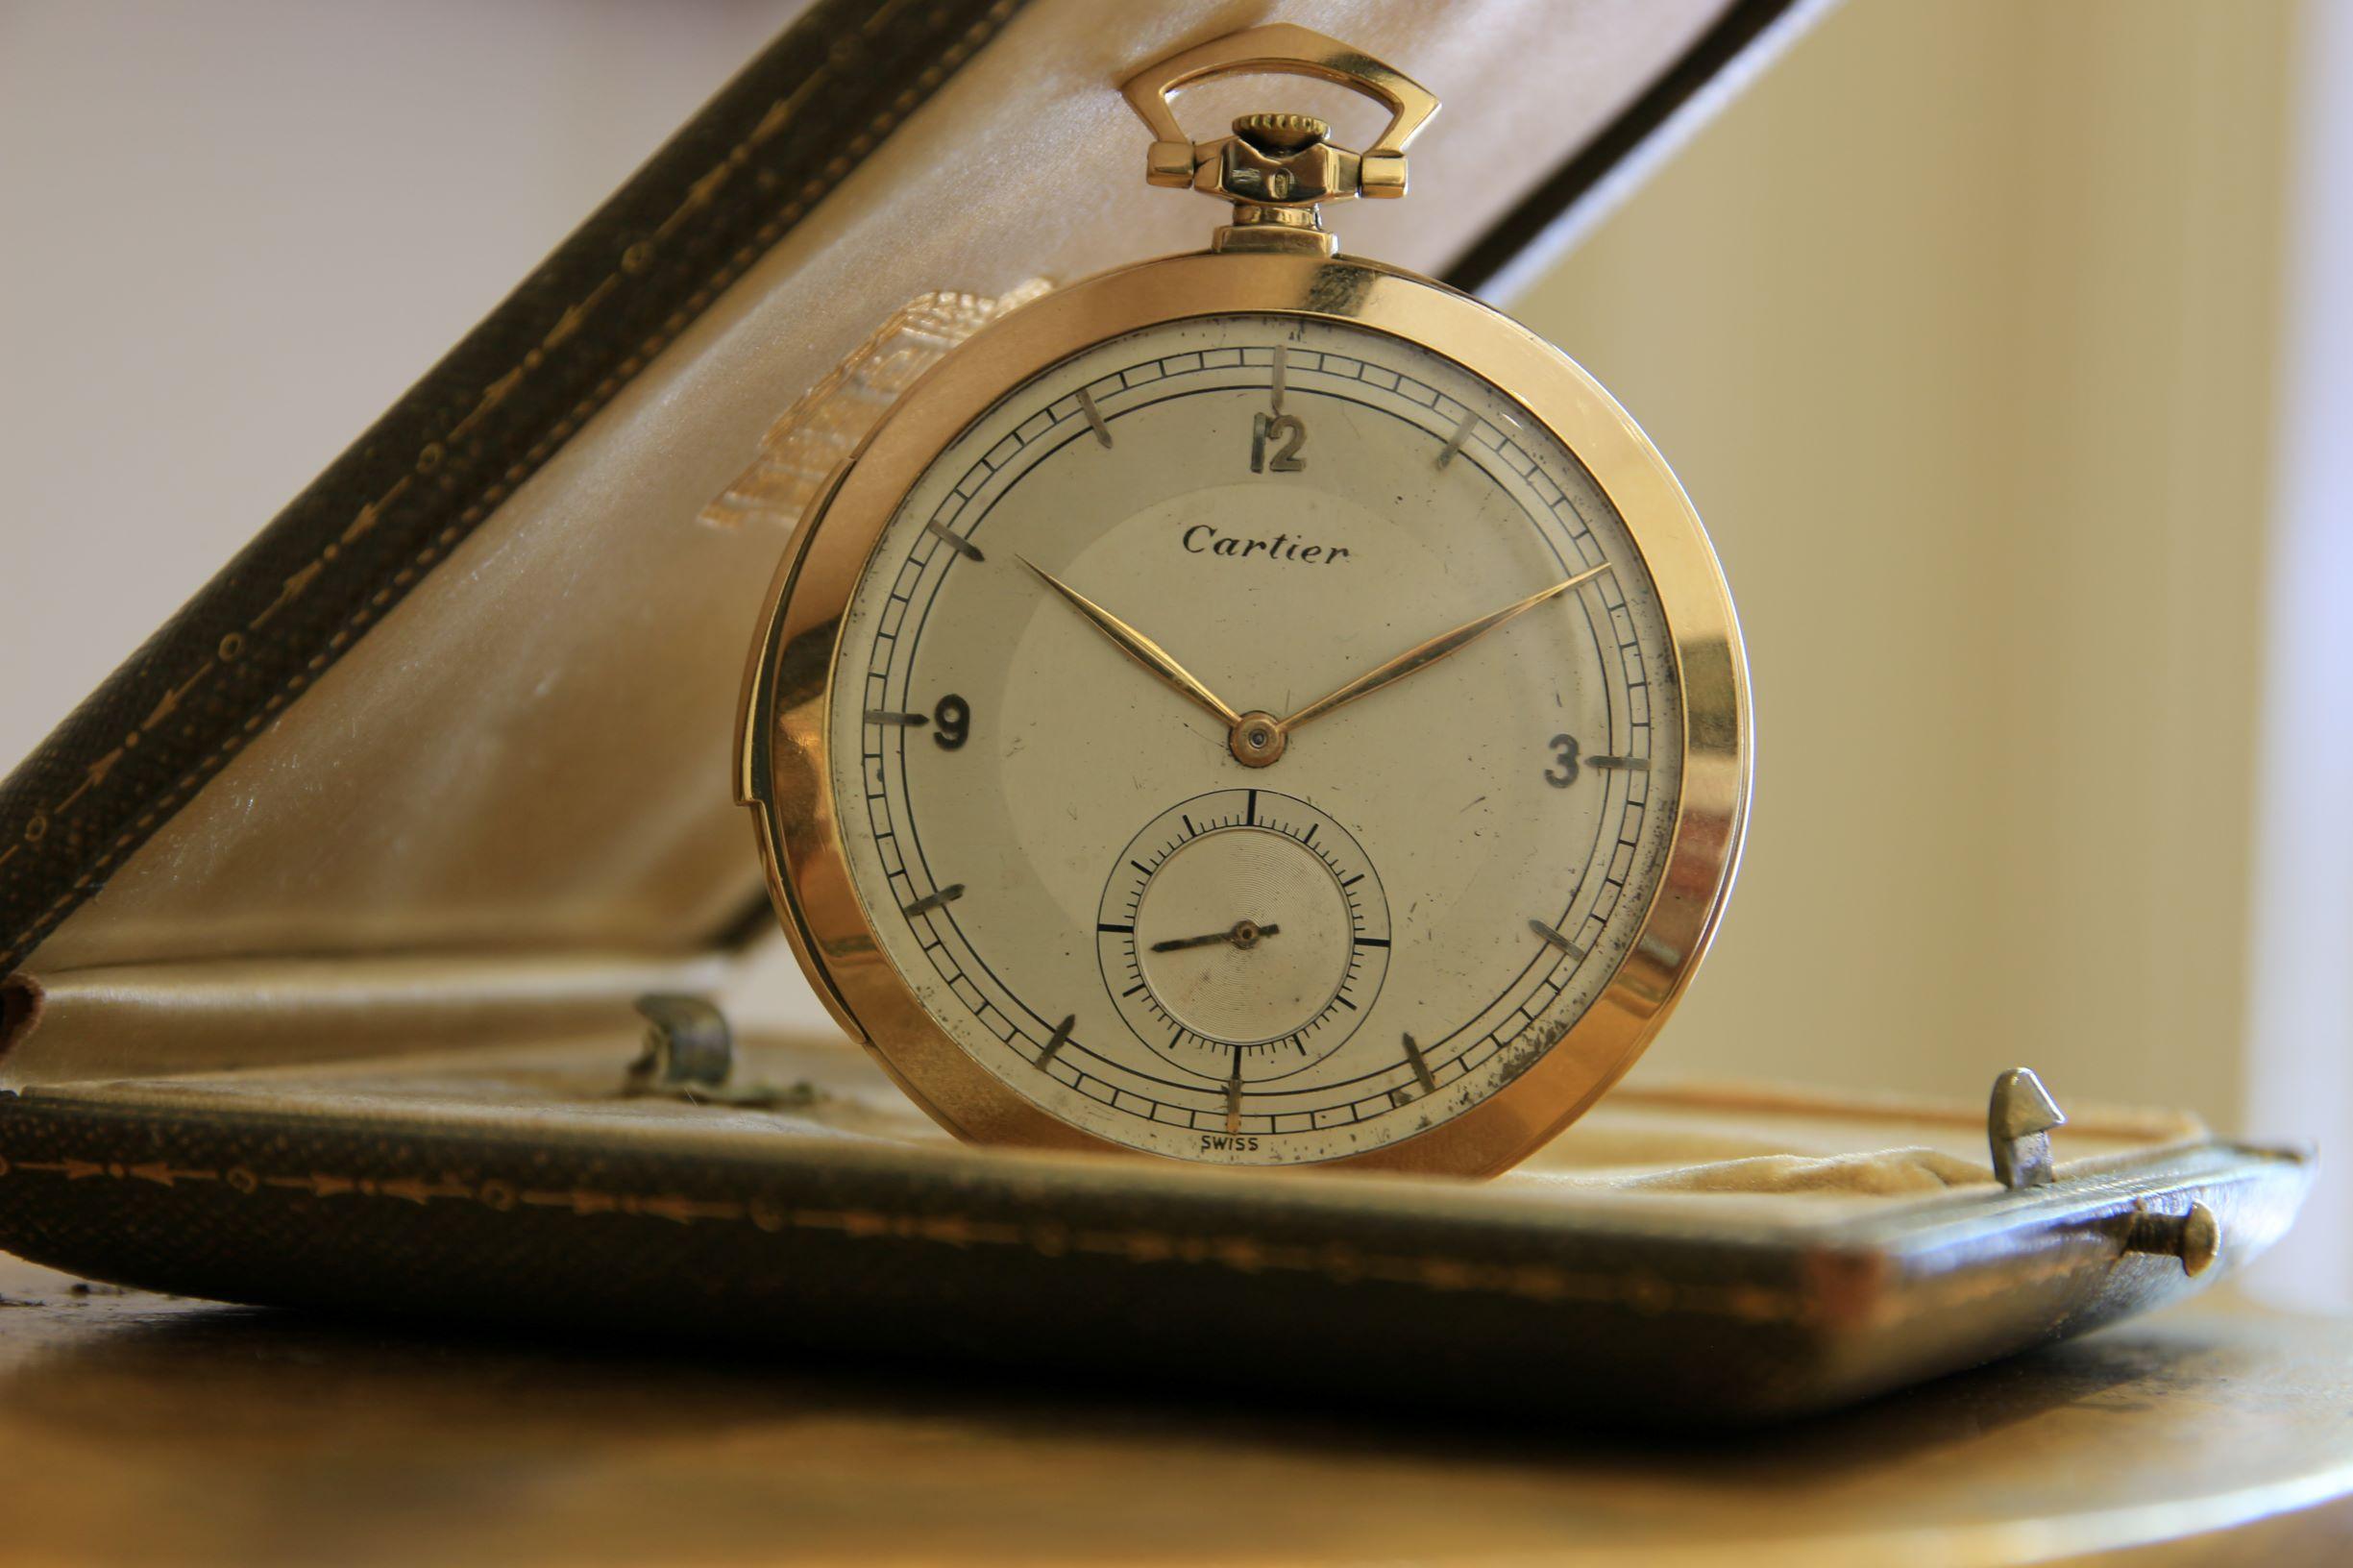 Un orologio da tasca Cartier e grandi marchi di gioielli: in arrivo le aste da Il Ponte